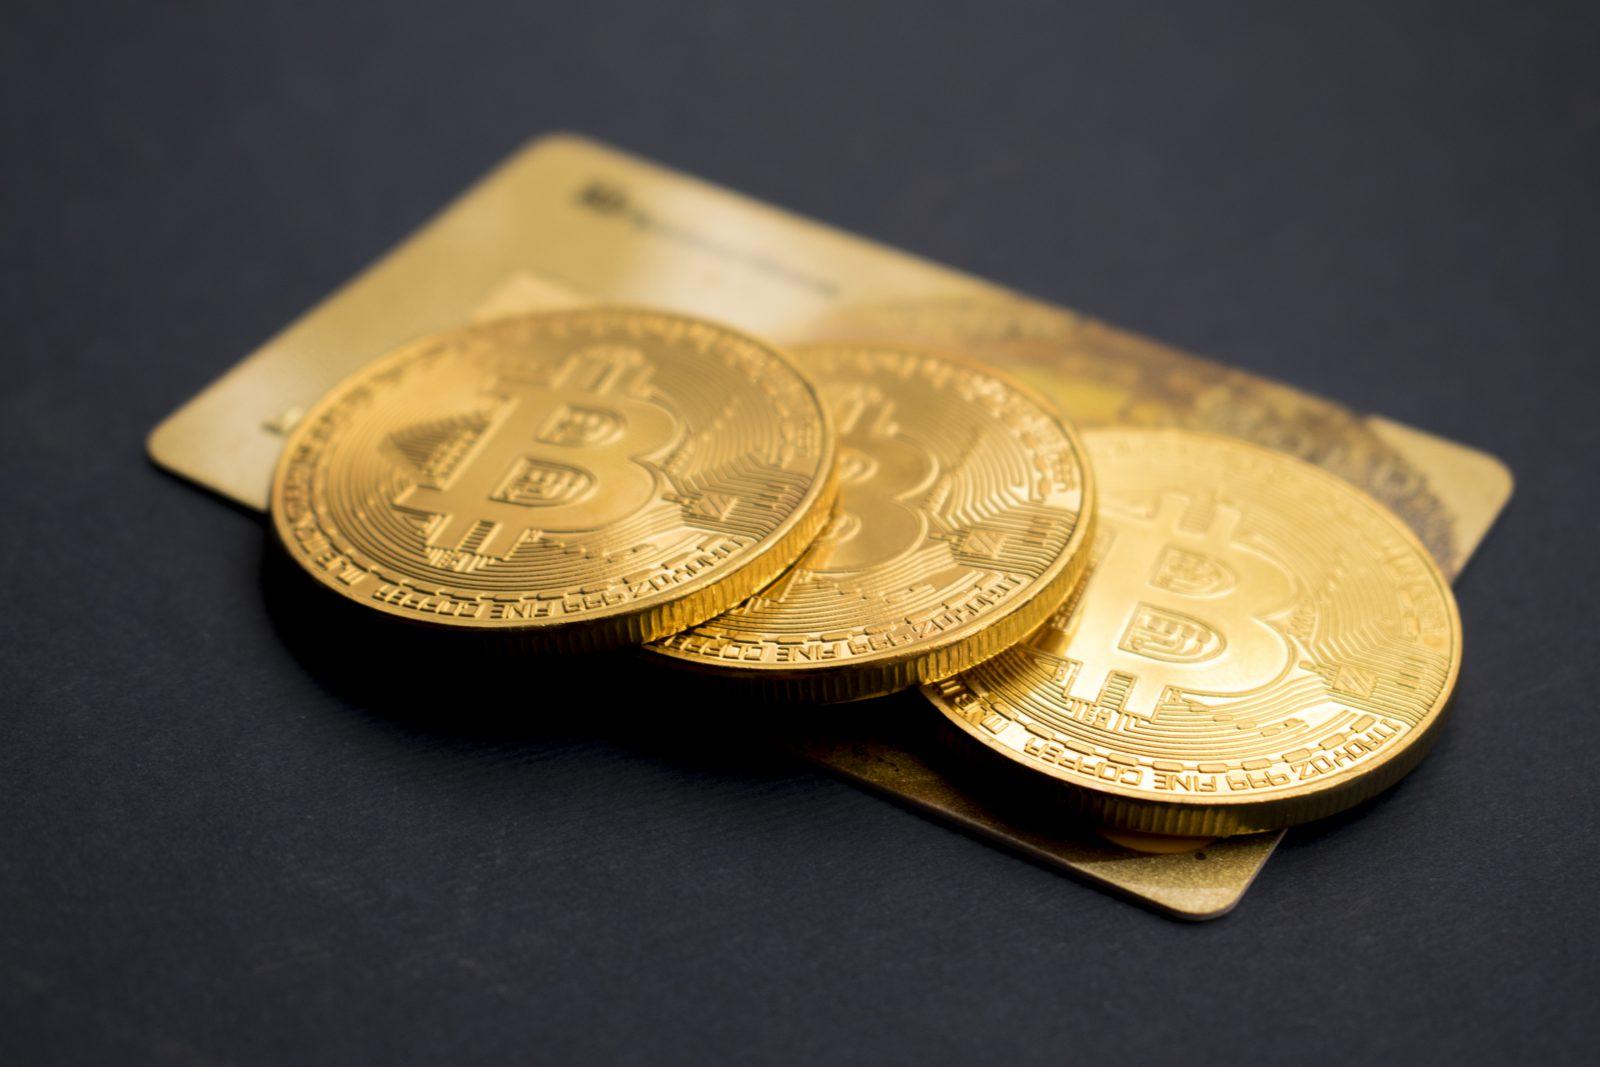 WANT Bitcoin update: Bitcoin consolideert, Nederlandse cryptonieuws - Want